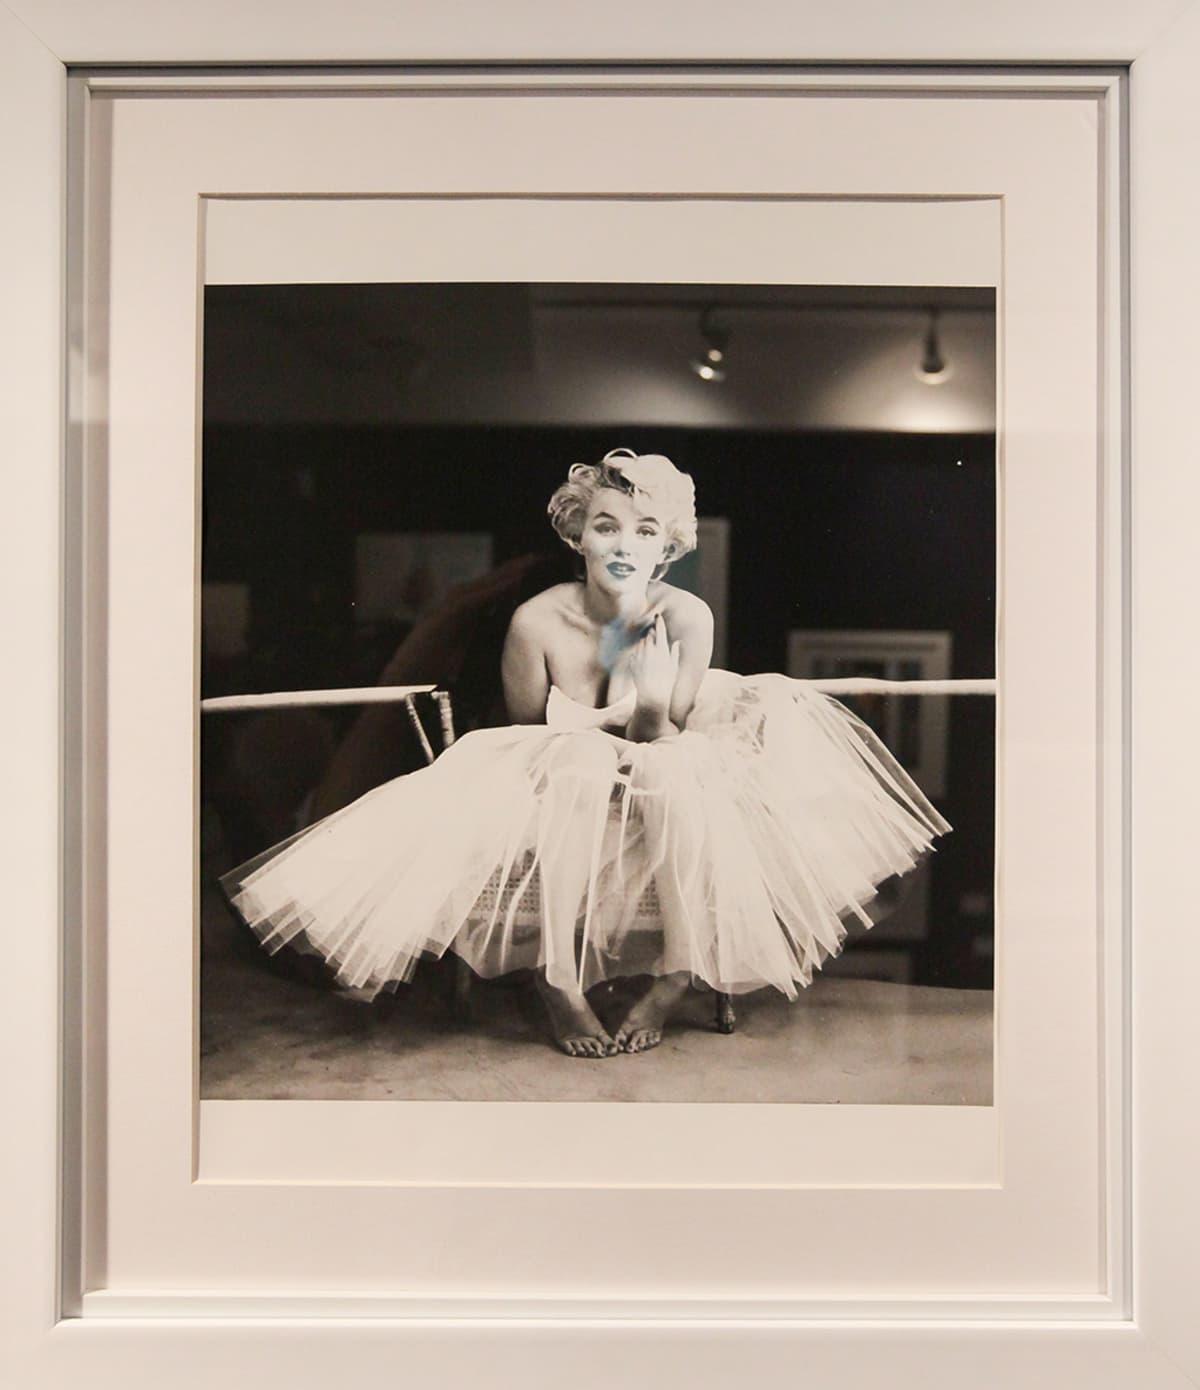 valokuva Marilyn monroen kehystetystä valokuvasta.